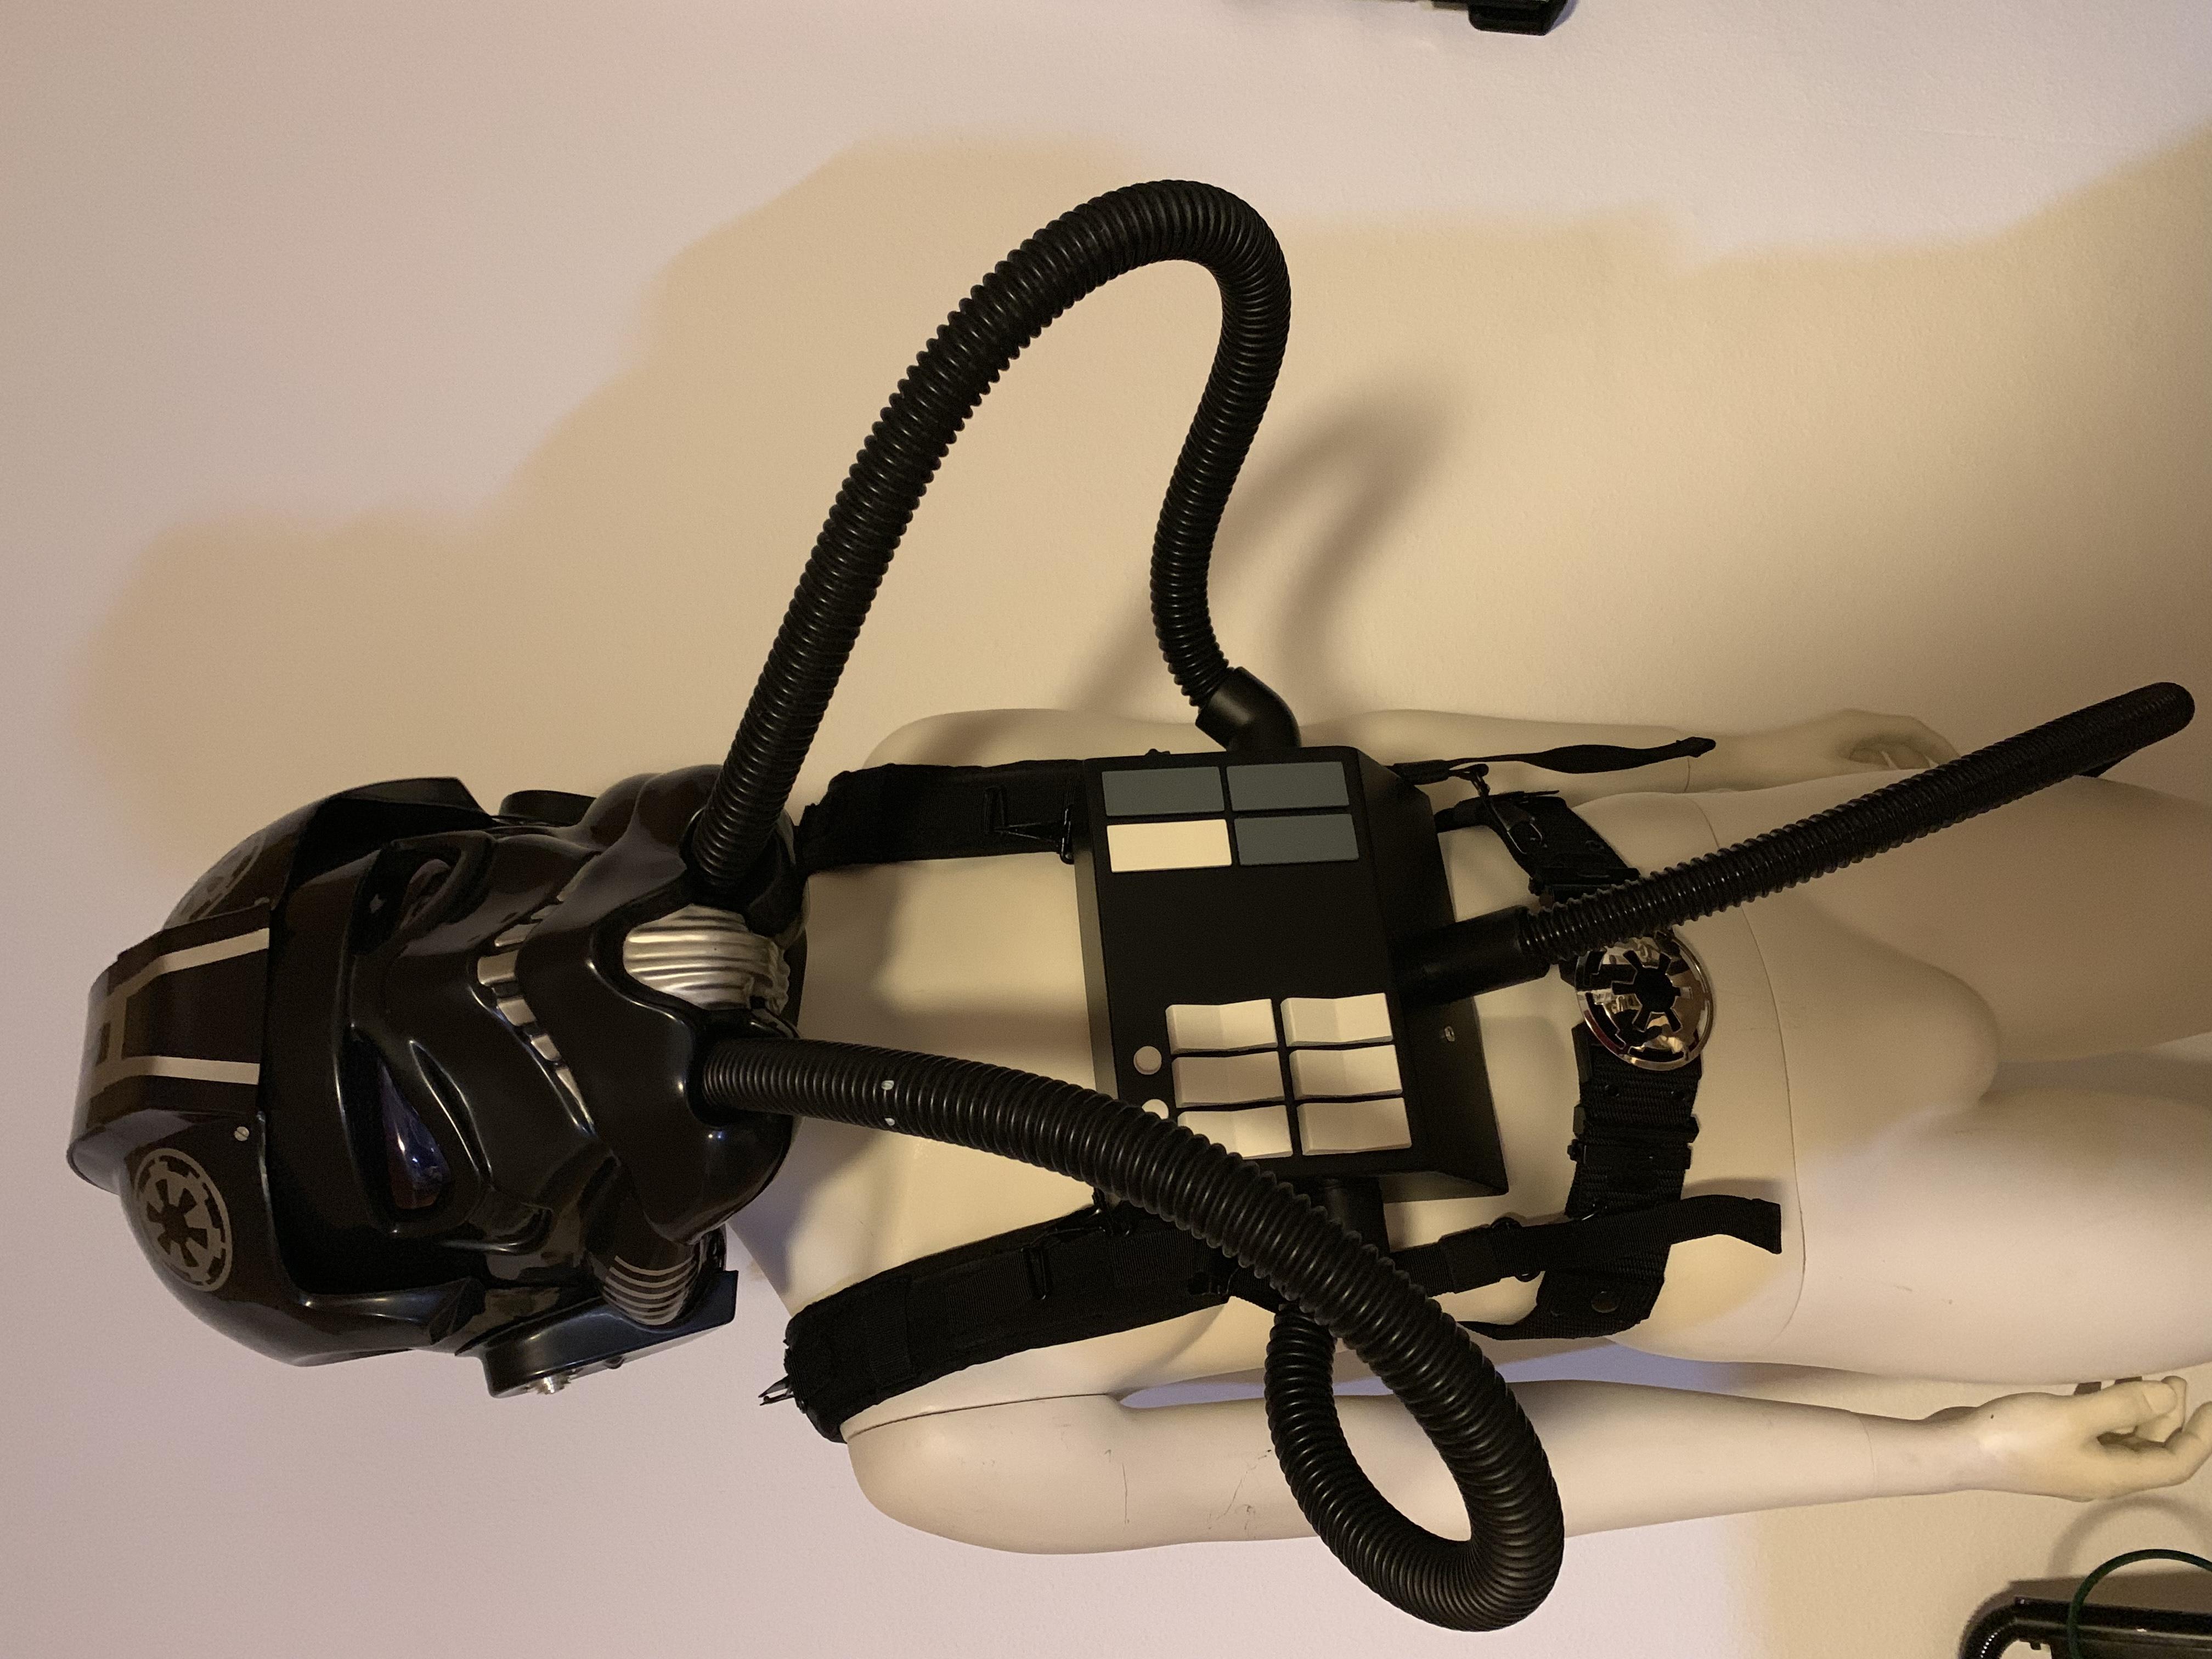 s438647550.online.de/PICS/harness_6.JPG